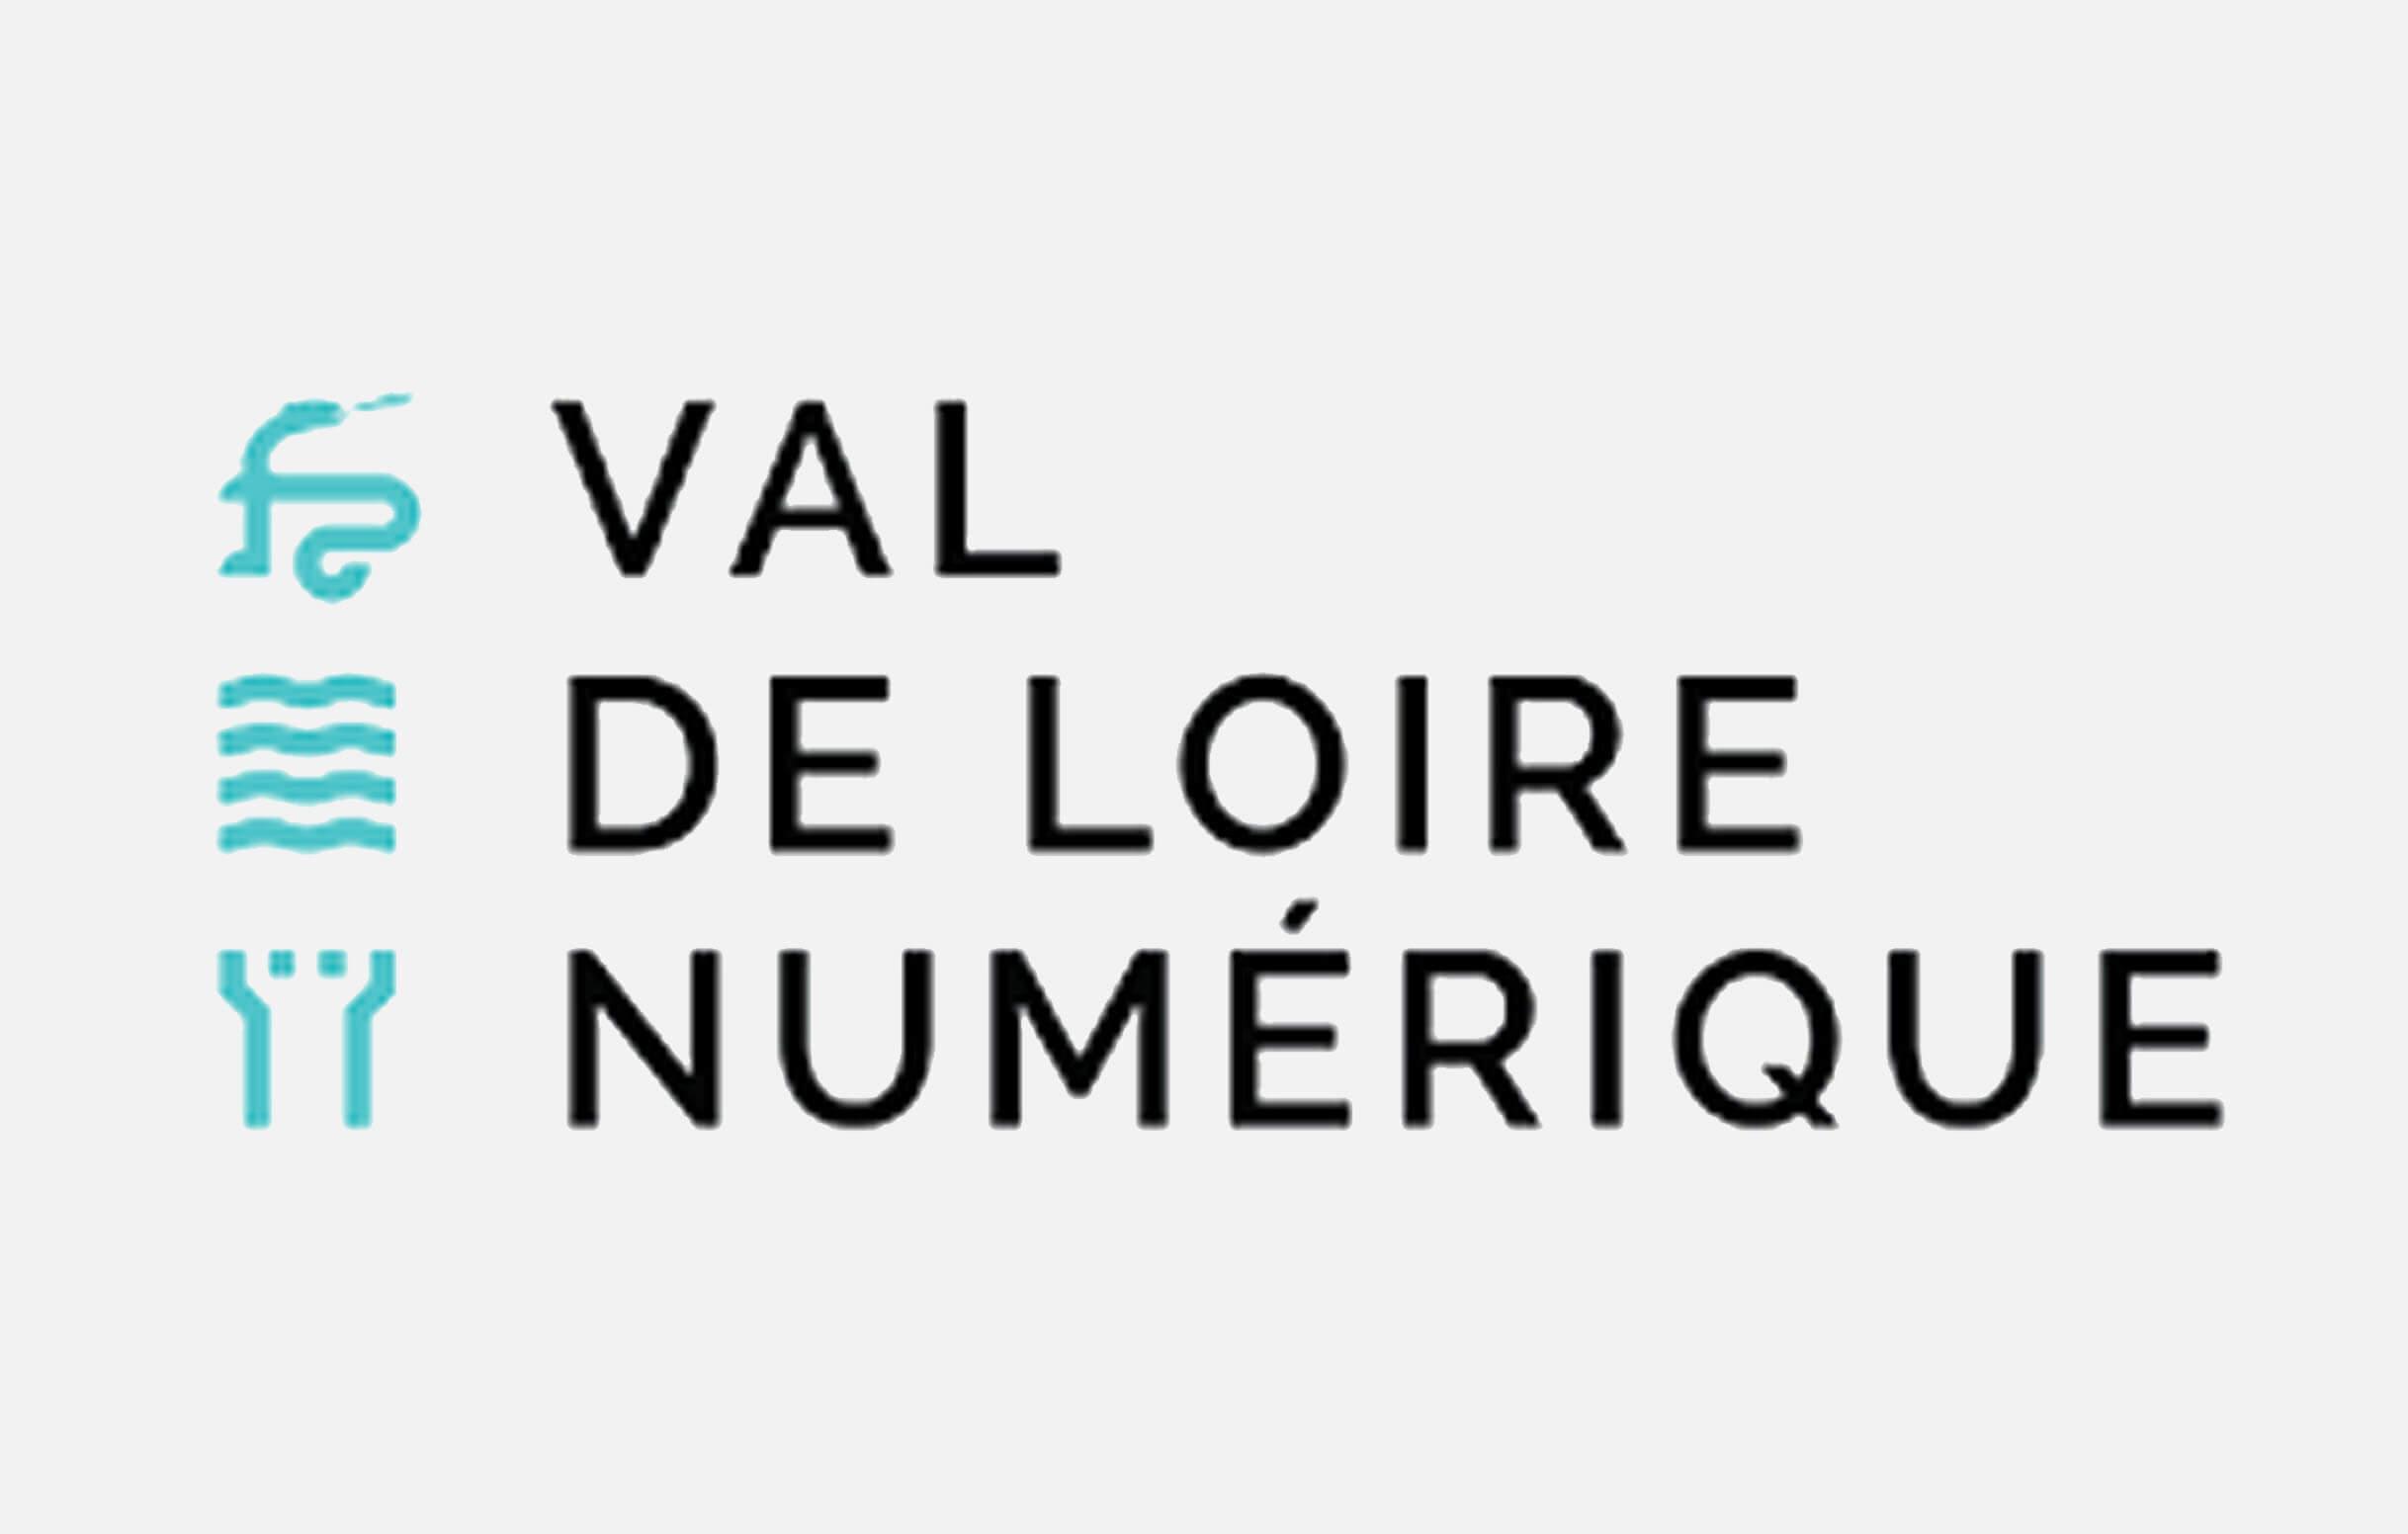 val-de-loire-numerique